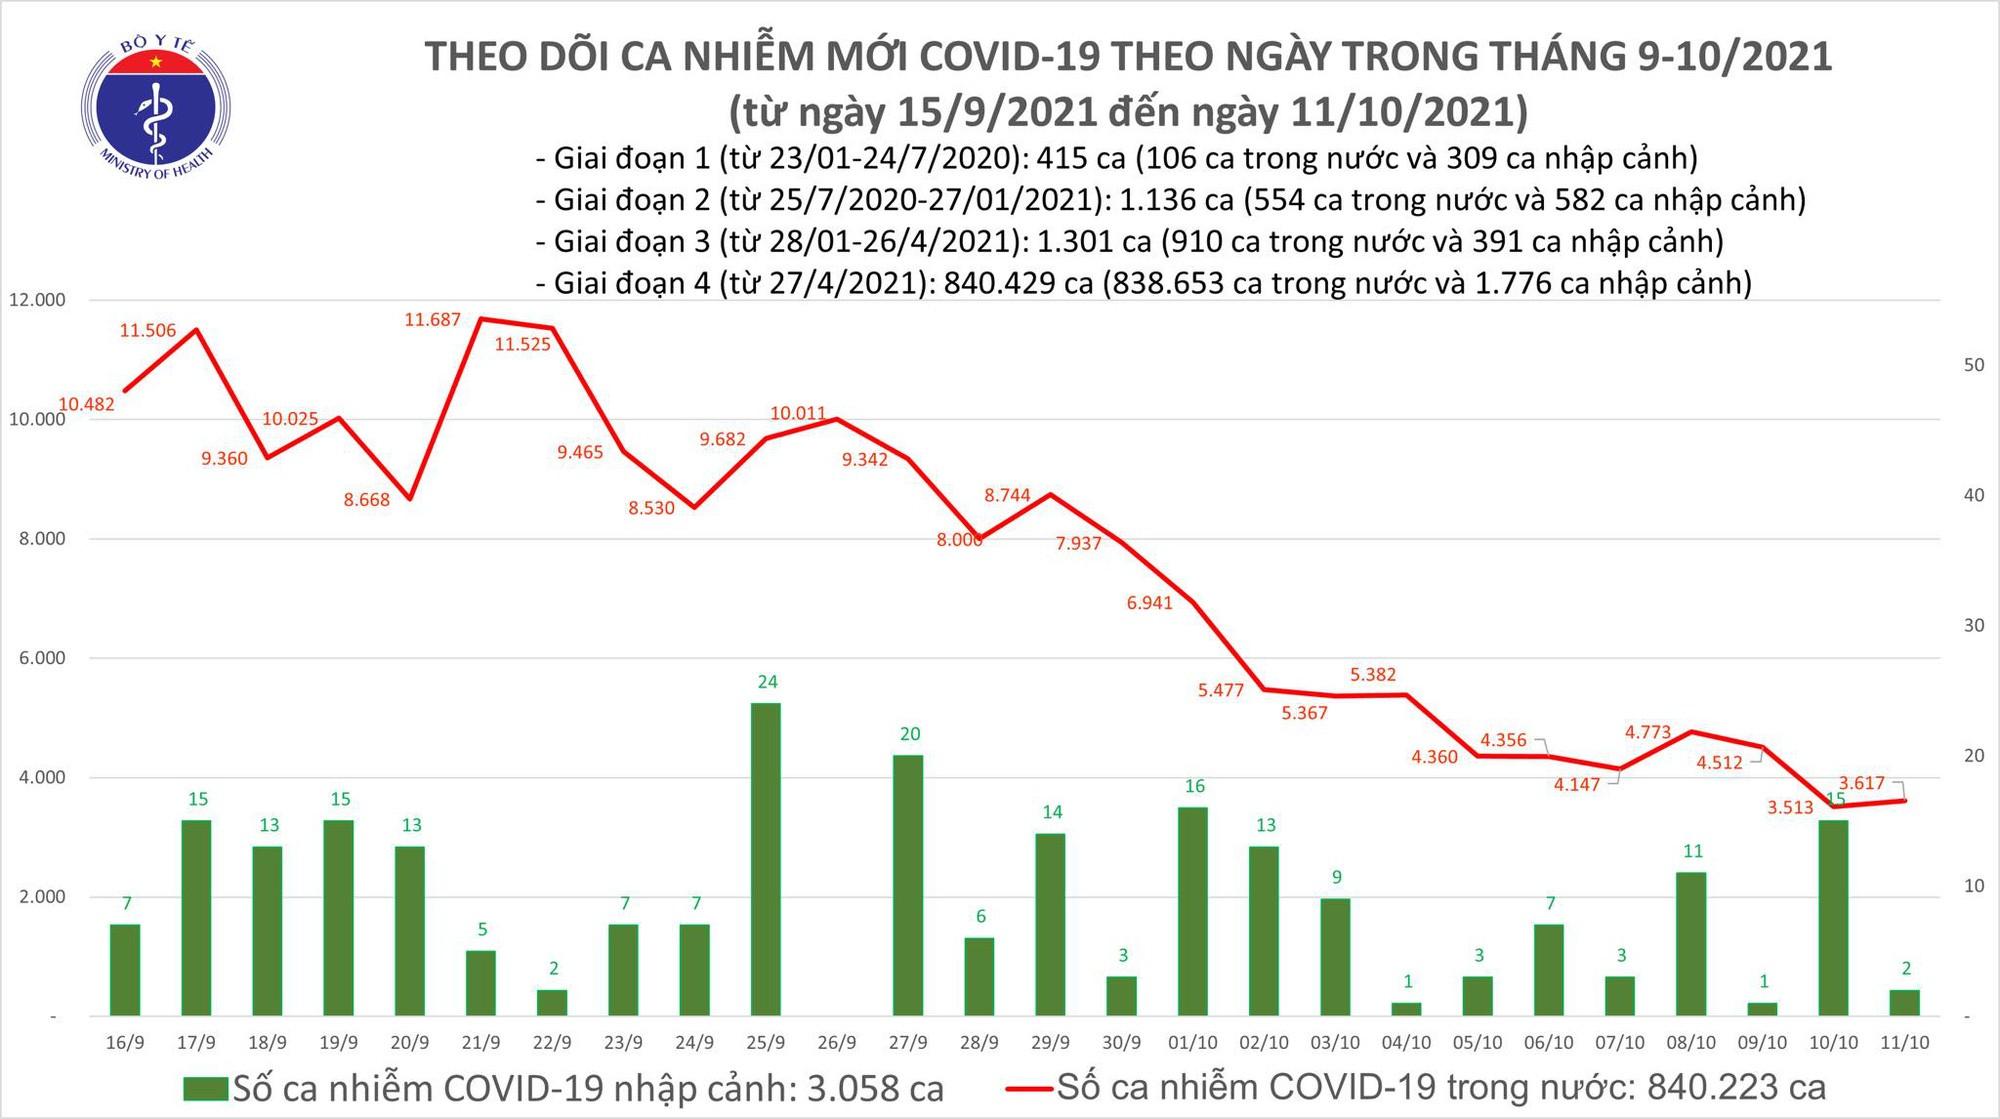 Ngày 11/10: Có 3.619 ca mắc COVID-19 tại 44 địa phương, riêng TP HCM 1.527 ca - Ảnh 1.